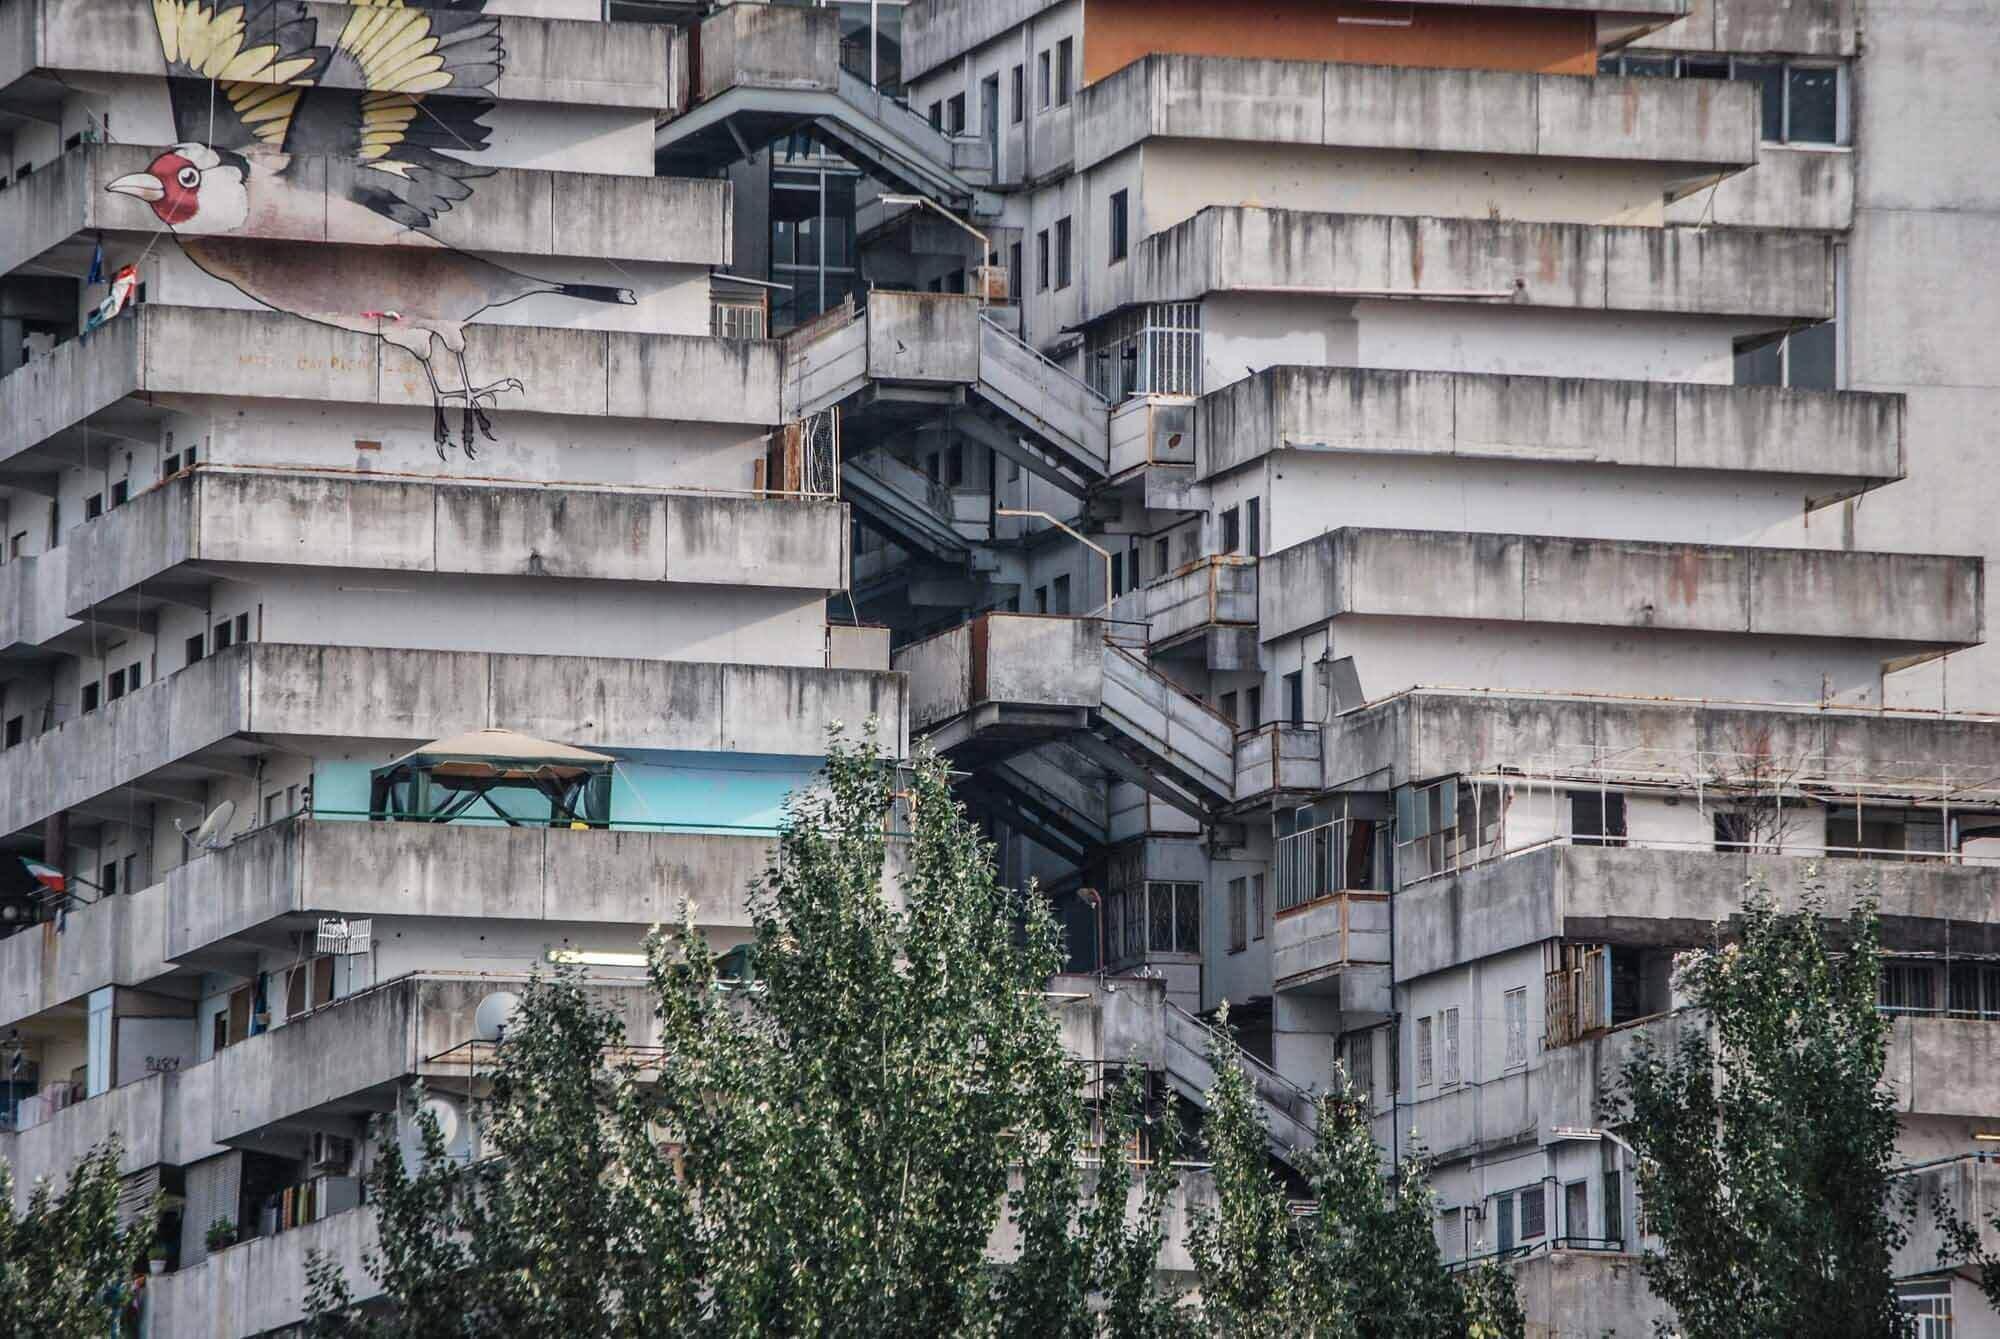 Кабрини-Грин и Веле ди Скампиа: когда проекты государственного жилья не работают